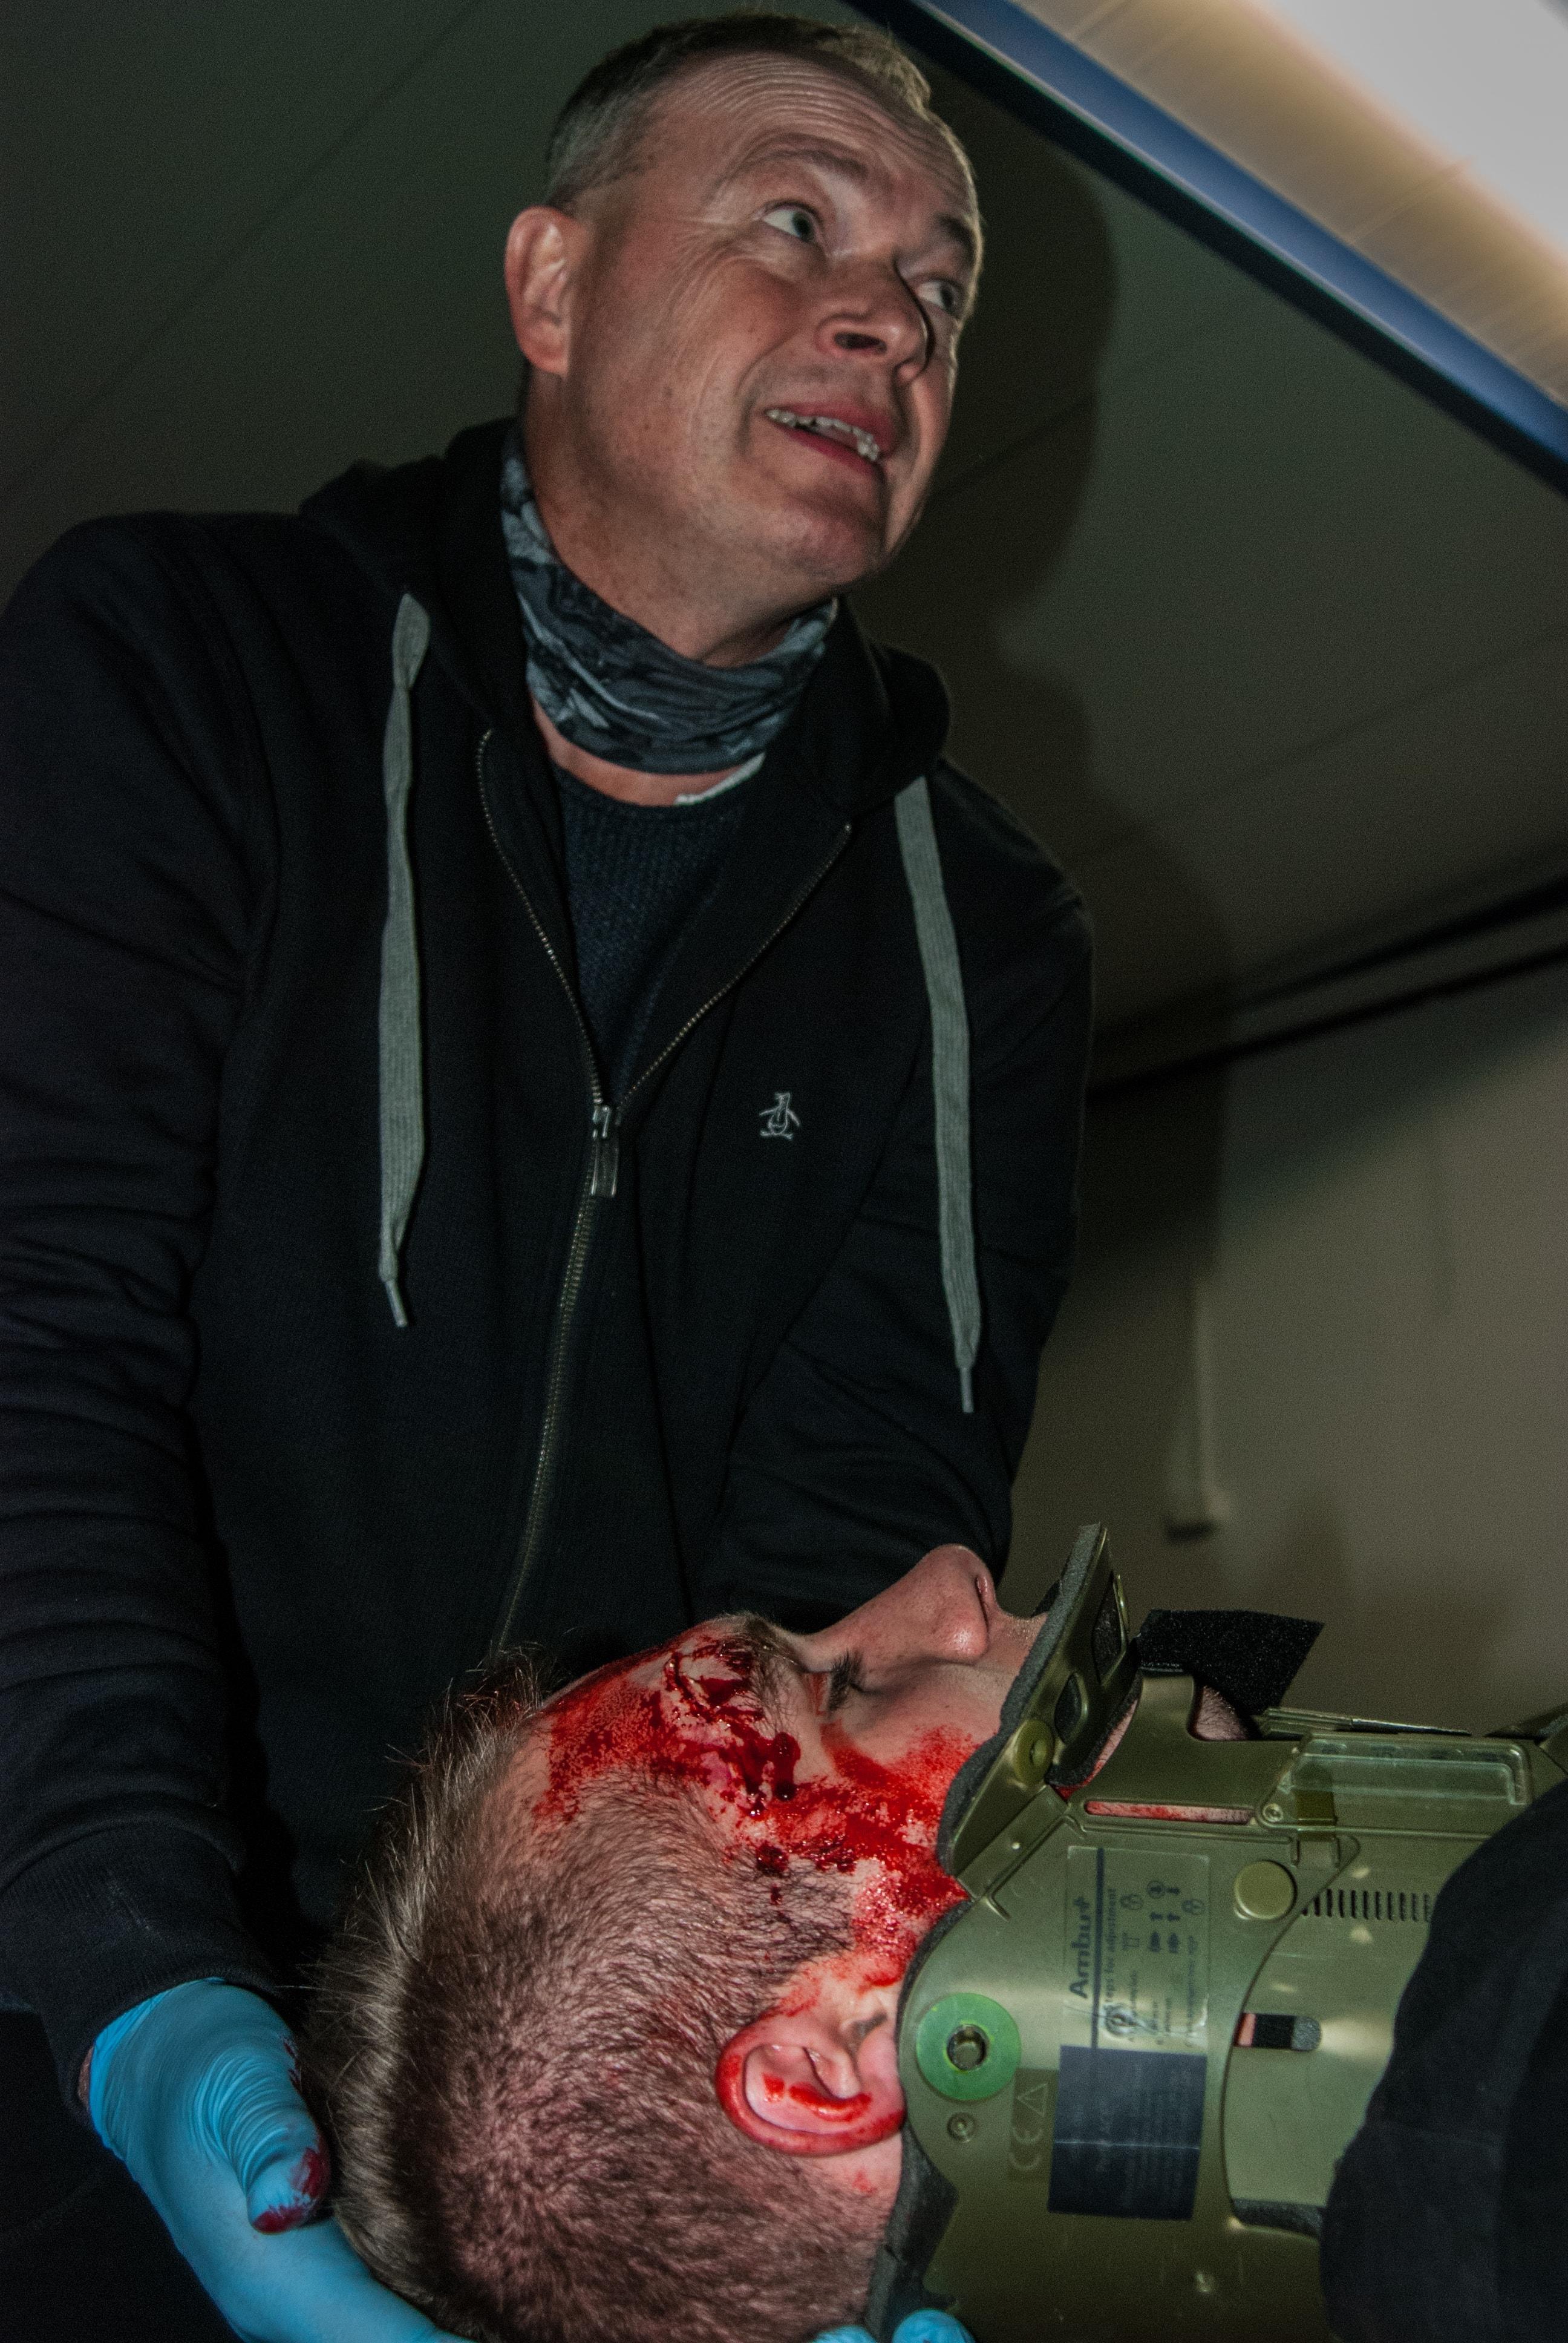 pierwsza pomoc uraz kręgosłupa, kołnierz ortopedyczny, sztuczna krew